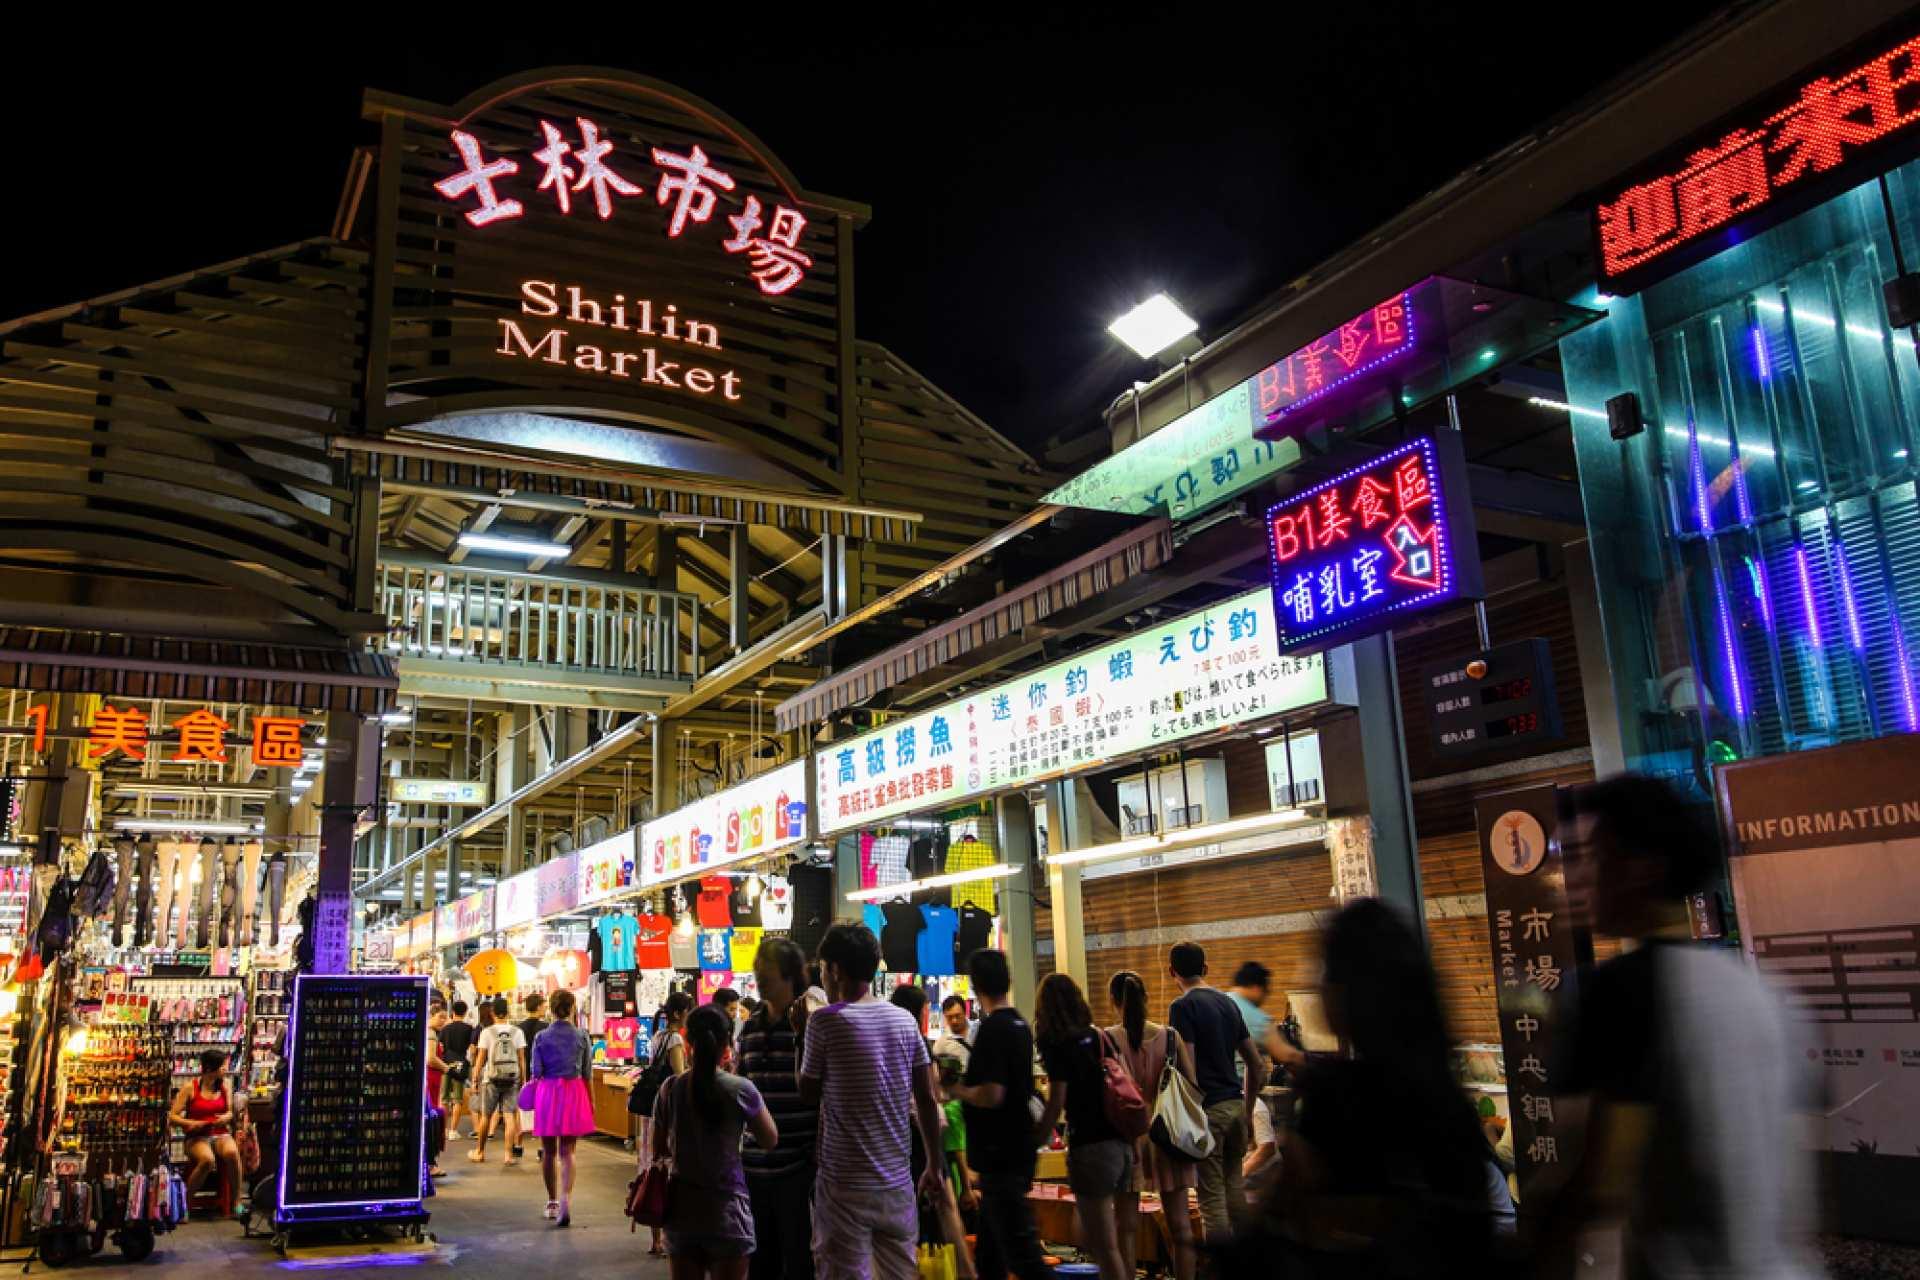 おうちで台湾|士林夜市から生中継・オンラインツアー 絶品ローガルグルメをご紹介 |Zoom利用